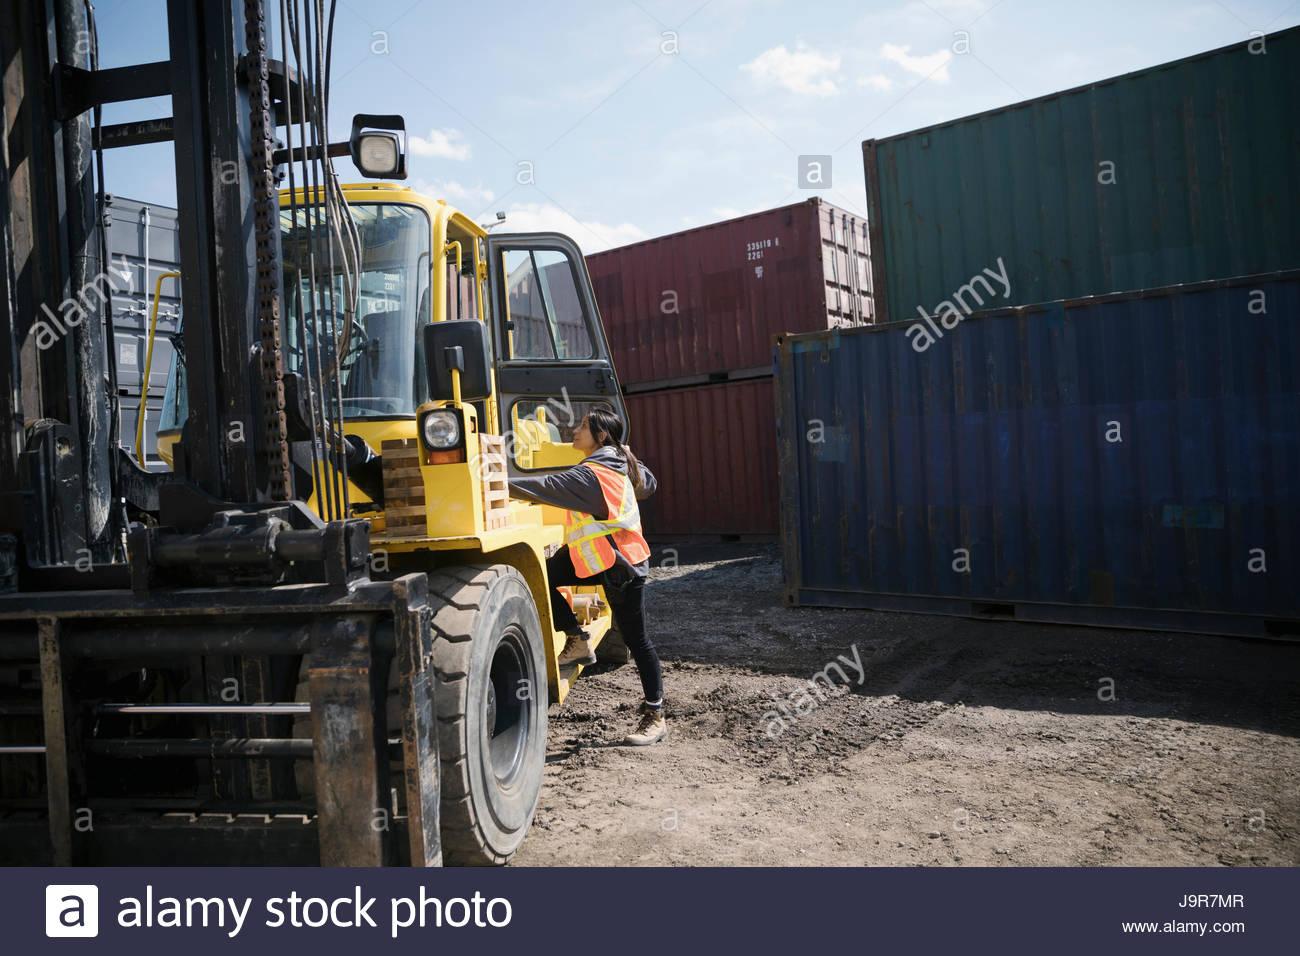 Conductor de carretilla elevadora femenino en el soleado patio de contenedores industriales Imagen De Stock